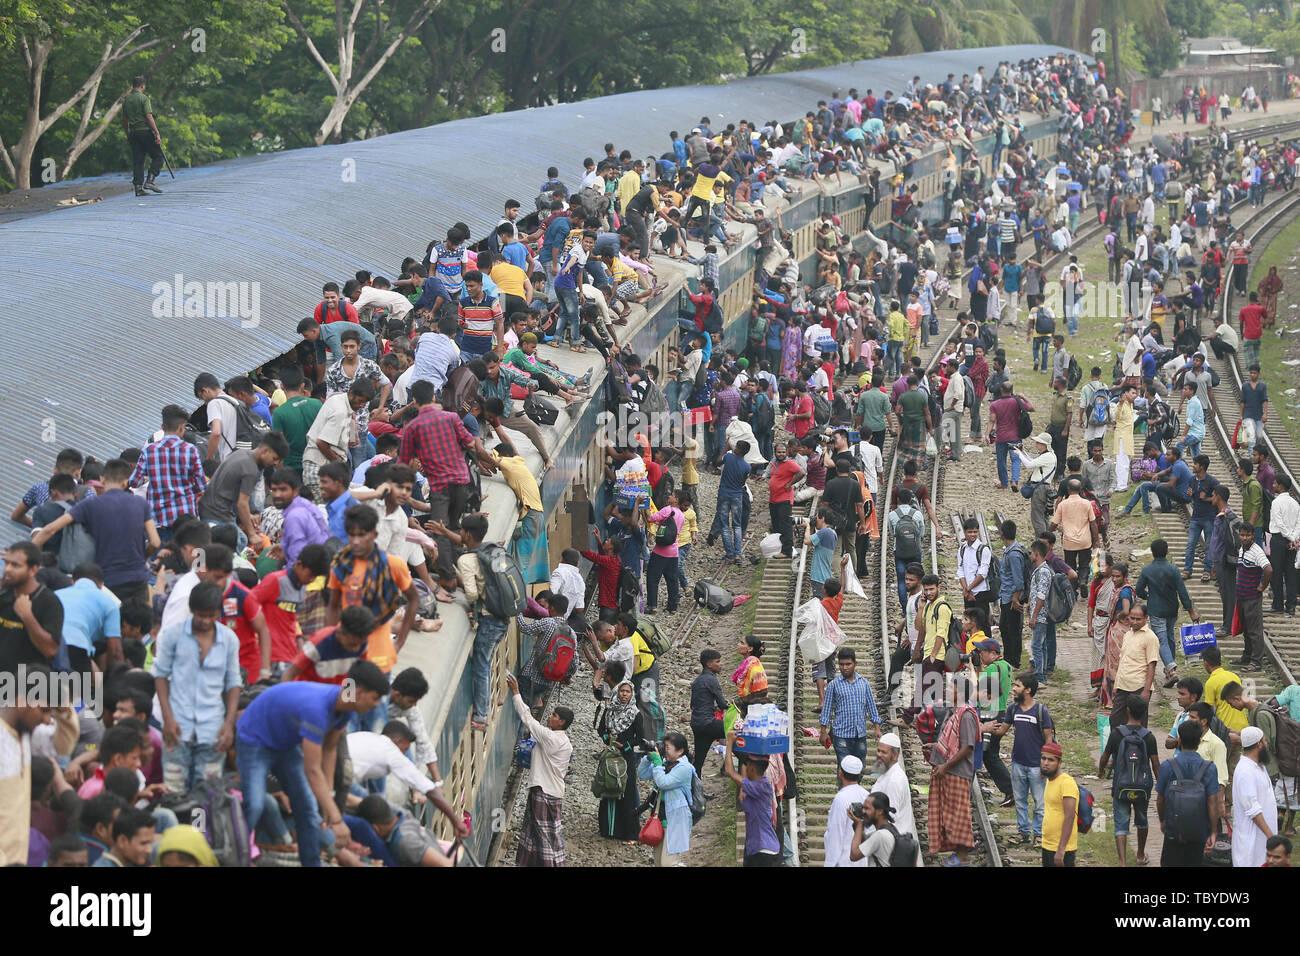 Dhaka, Bangladesh. 4 juin, 2019. Passagers essaient de grimper sur le toit d'un train bondé comme ils retournent dans leur village avant la fête musulmane de l'Aïd al-Fitr, à Dhaka, Bangladesh, le 4 juin 2019. Cette Eid religieuses (fête religieuse musulmane) est le premier et le seul jour dans le mois de Shawwal durant lequel les musulmans ne sont pas autorisés à rapide. La maison de vacances célèbre la fin de la 29 ou 30 jours de l'aube au coucher du soleil, le jeûne pendant tout le mois de Ramadan. Credit: Suvra Kanti Das/ZUMA/Alamy Fil Live News Photo Stock